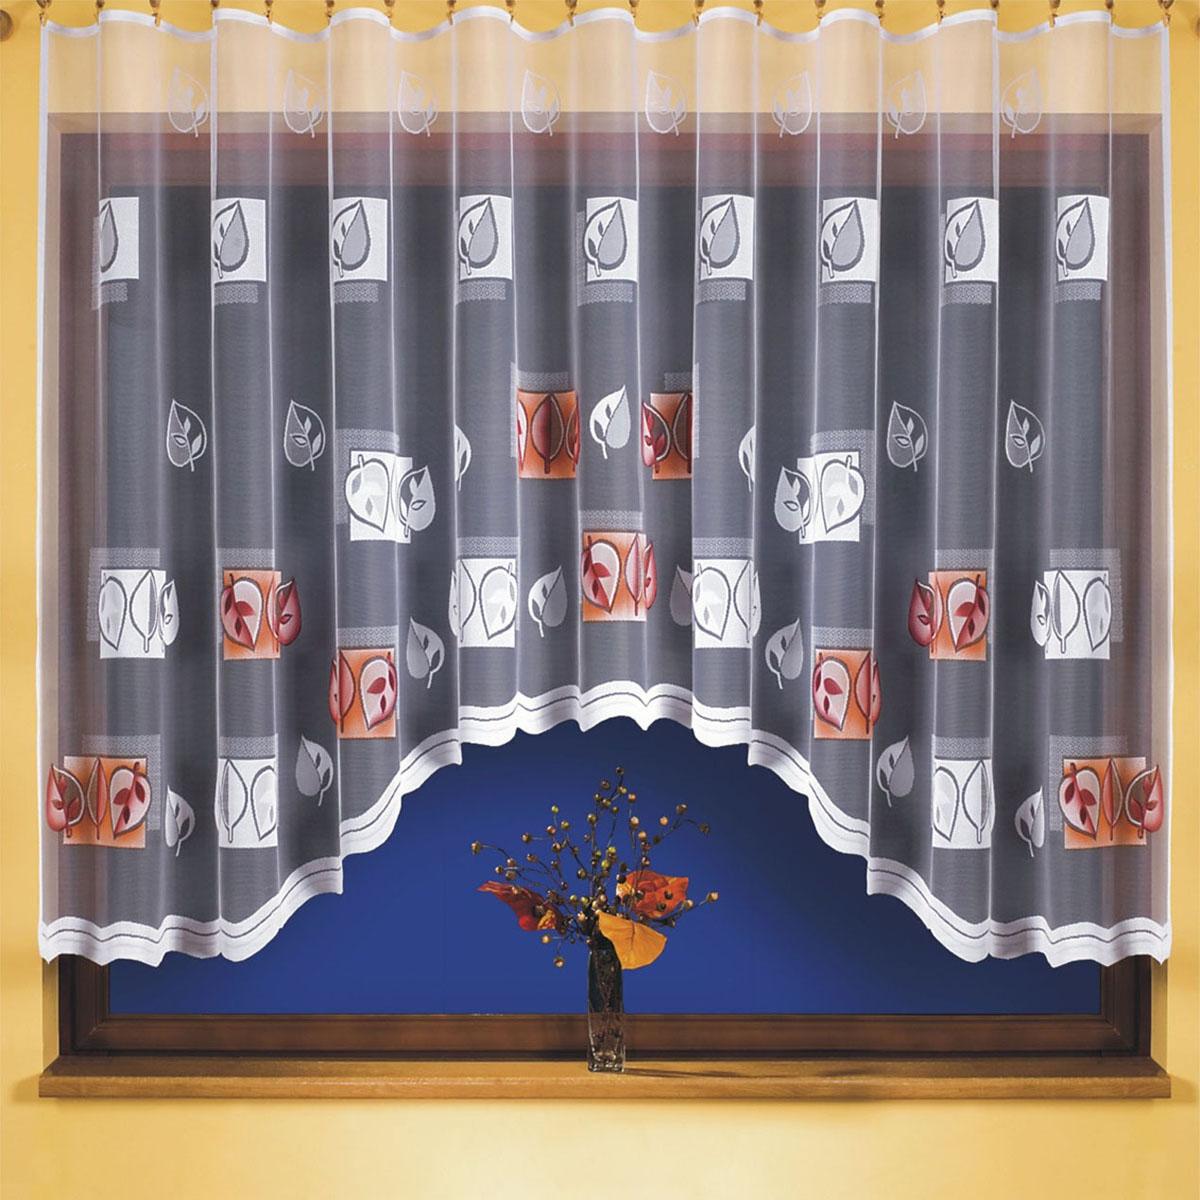 Гардина Wisan, цвет: белый, ширина 300 см, высота 150 см. 93879387вид крепления - под зажимы для шторРазмеры: ширина 300*высота 150